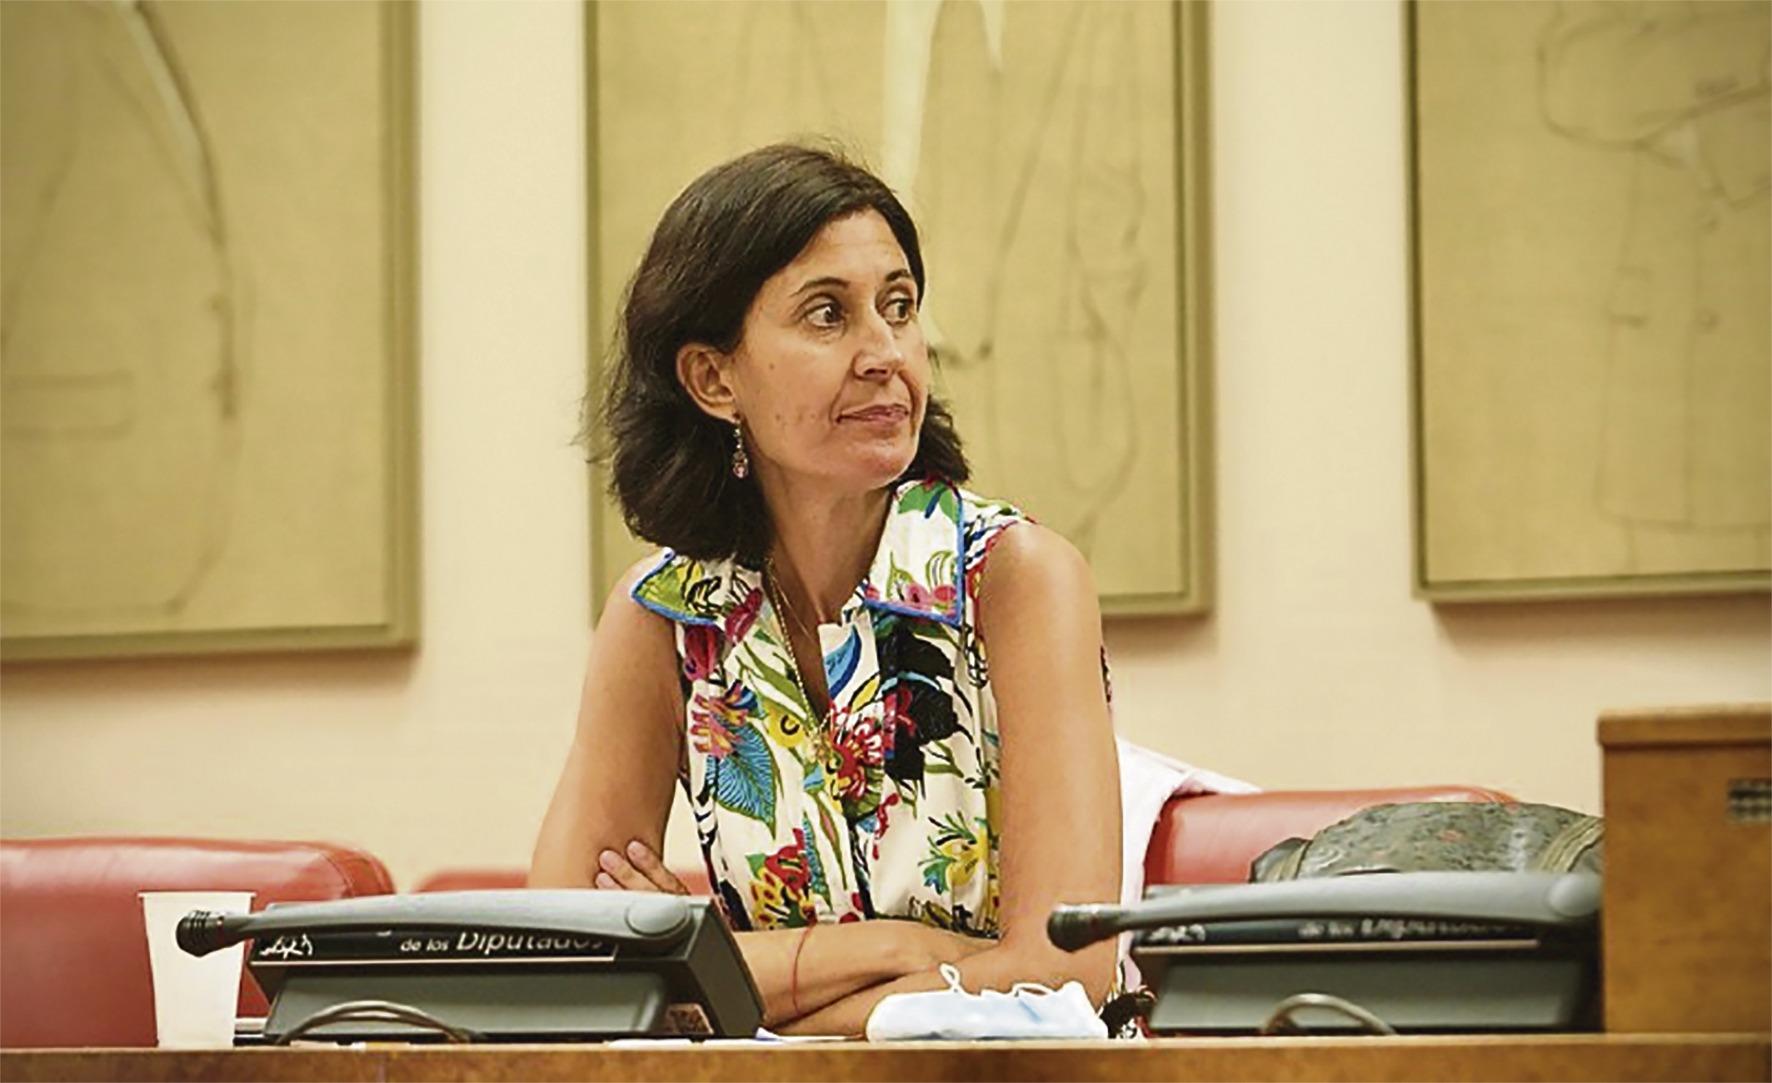 Lara Contreras ist die Leiterin der aktuellen Studie zur Entwicklung der Armutszahlen unter dem Einfluss der Pandemie. Foto: Congreso de los Diputados